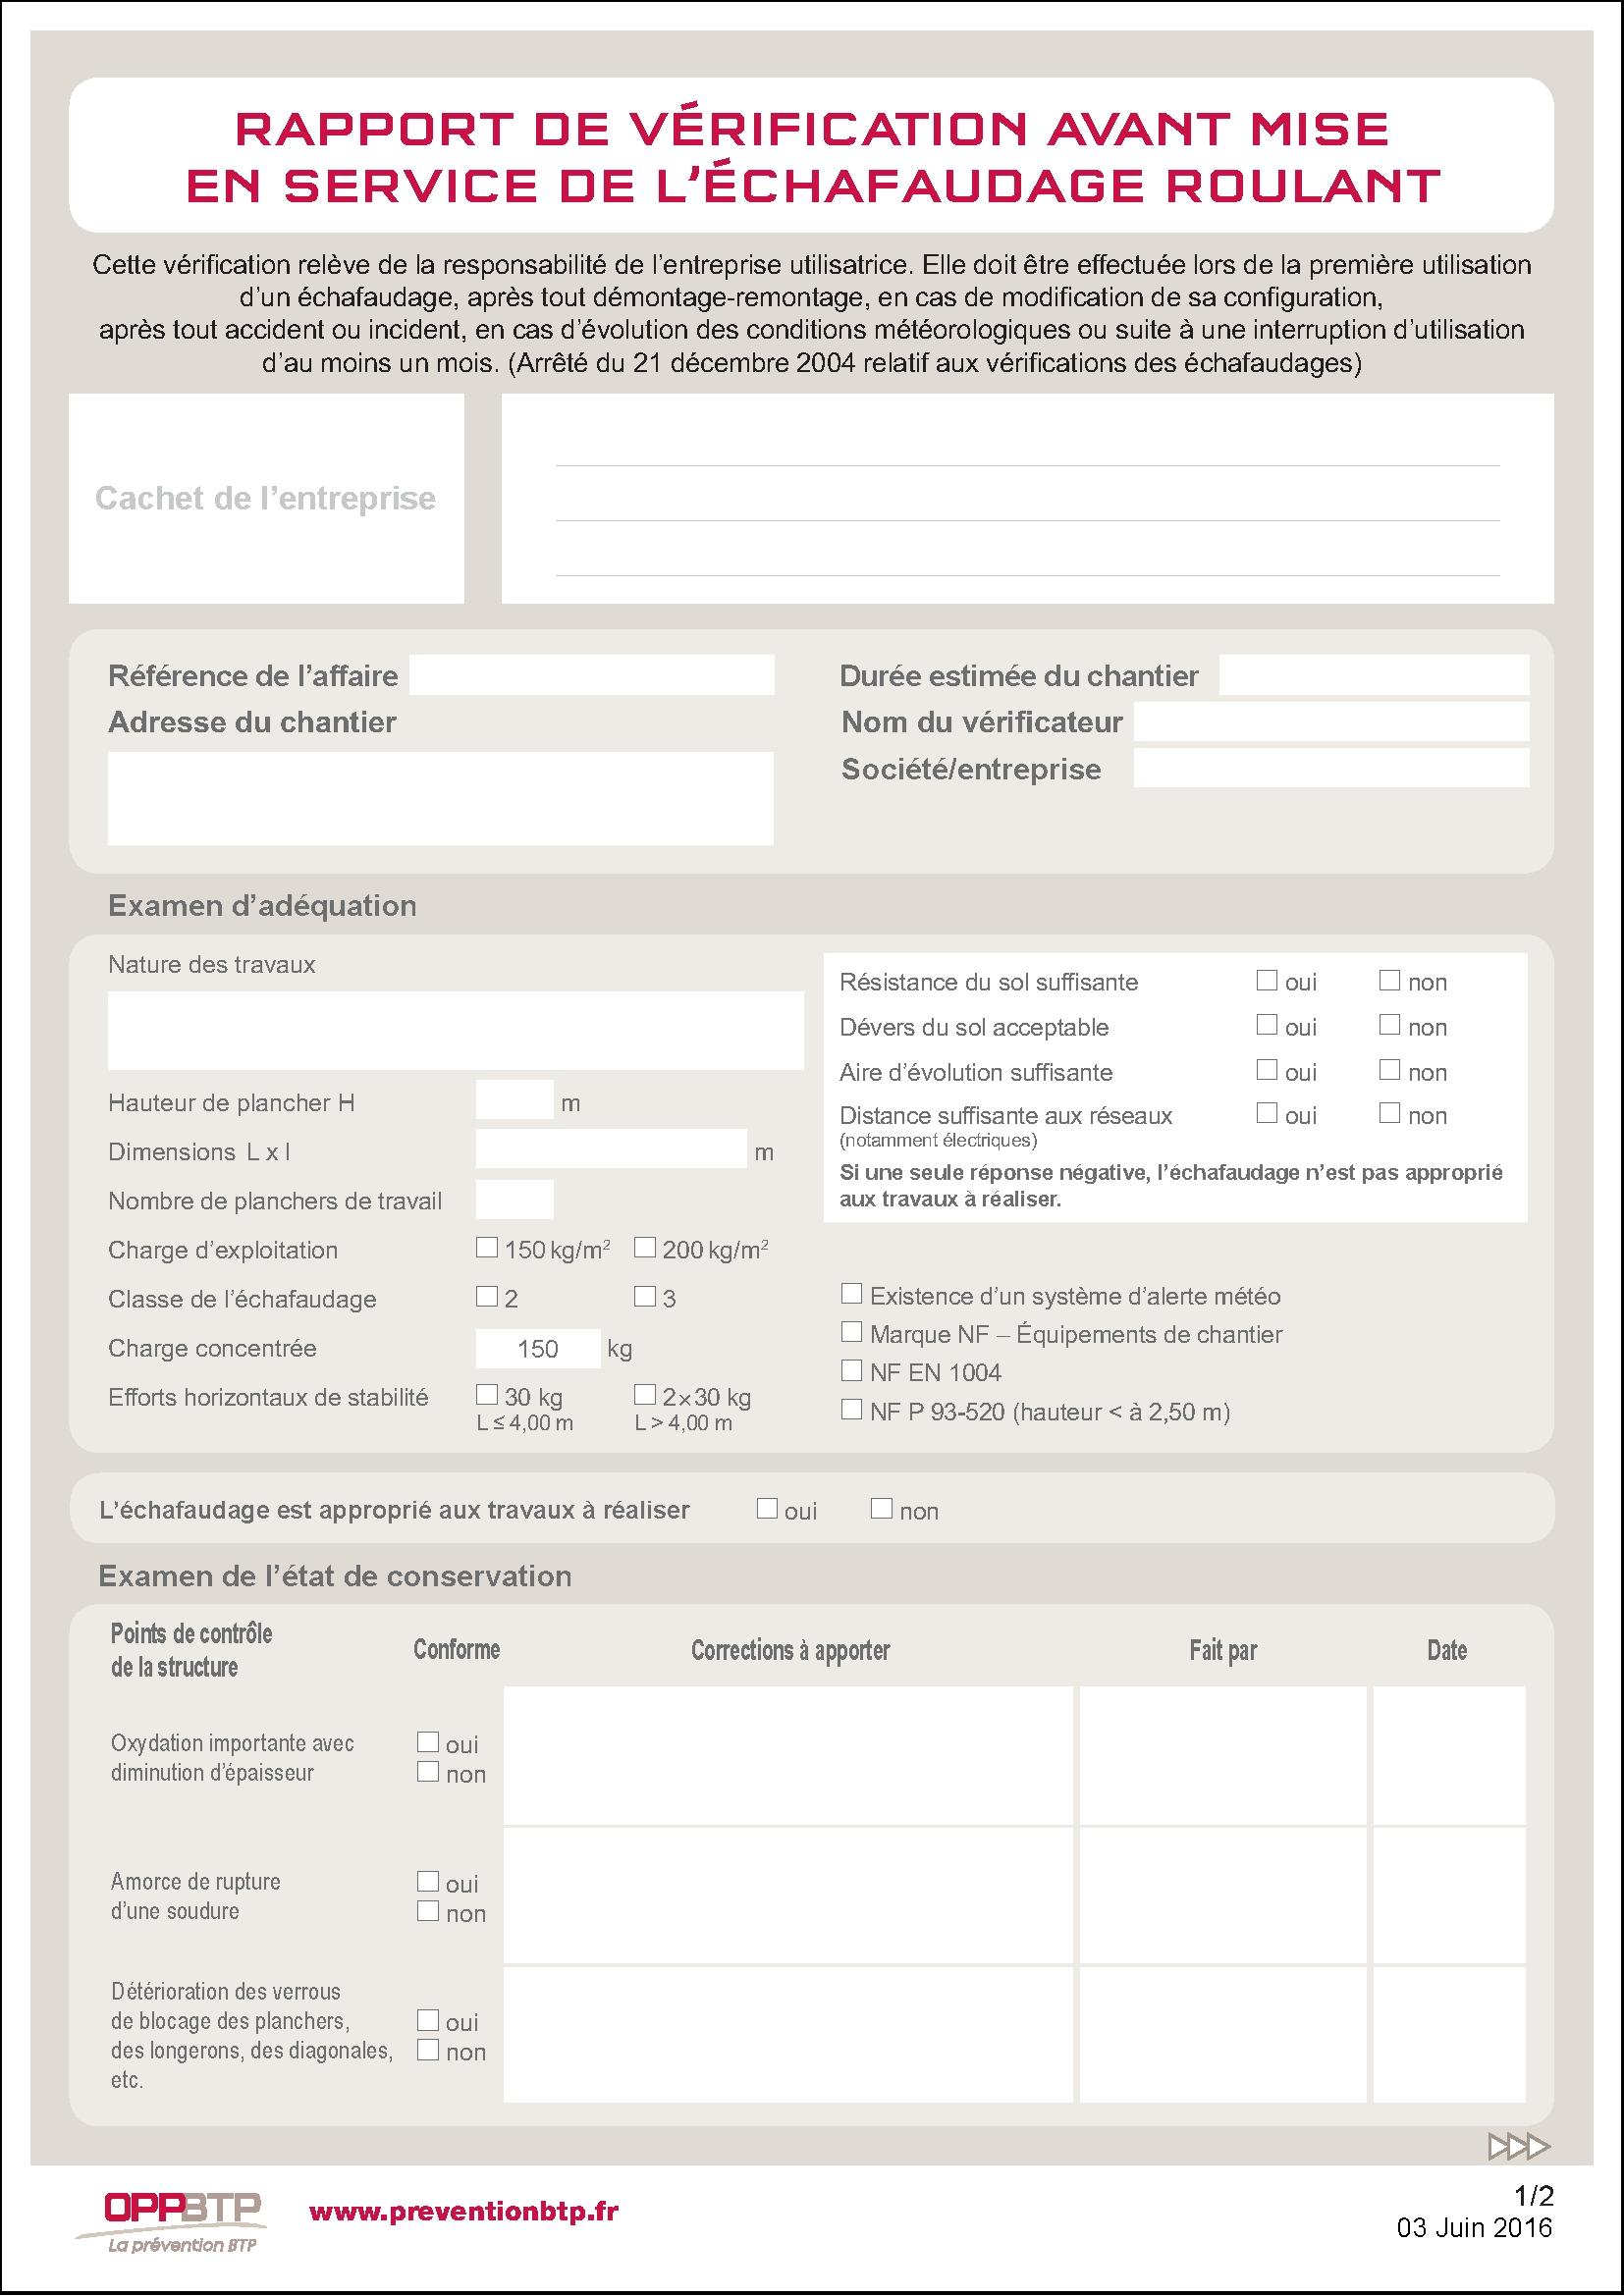 rapport de v u00e9rification avant mise en service de l u0026 39  u00e9chafaudage roulant pr u00e9vention btp